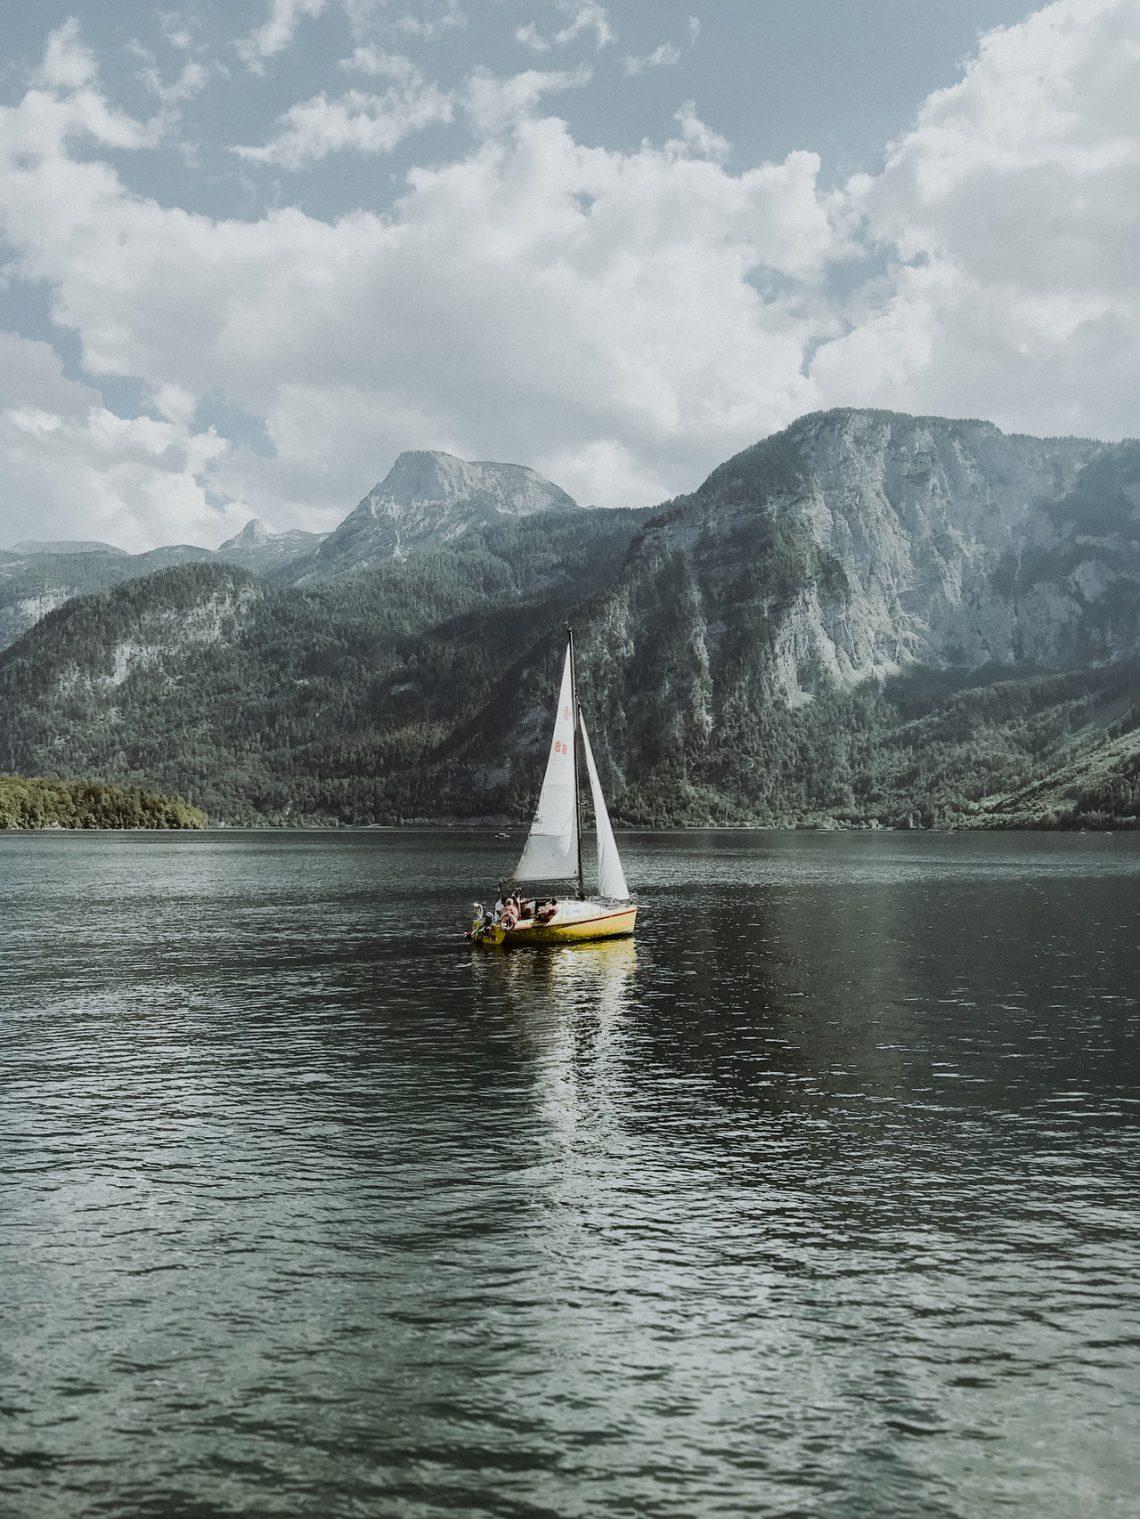 drinkwaterpomp voor de boot